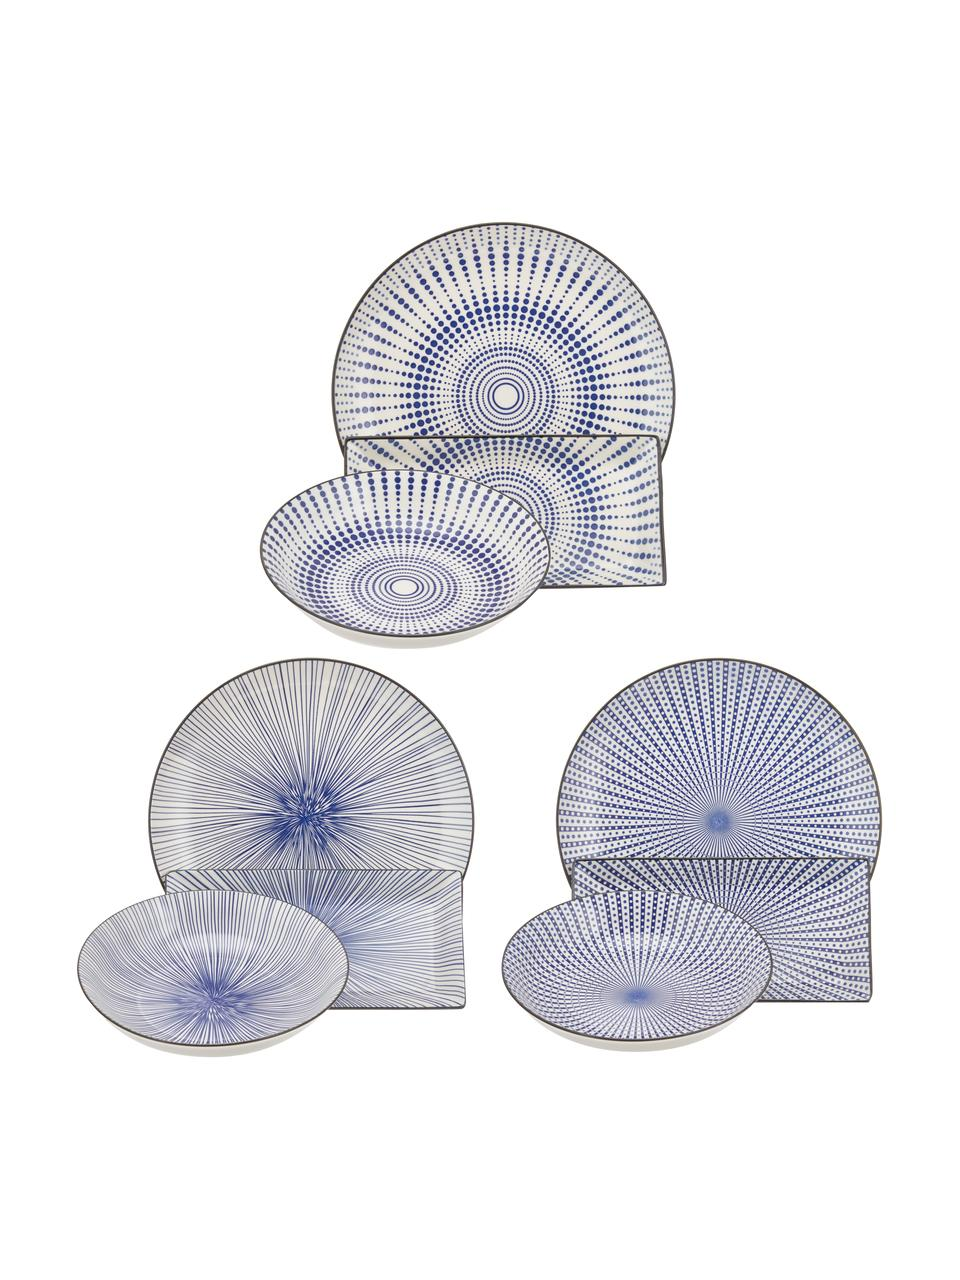 Set 18 piatti con motivo blu per 6 persone Skiathos, Terracotta, Tonalità blu, bianco latteo Bordi: antracite, Set in varie misure